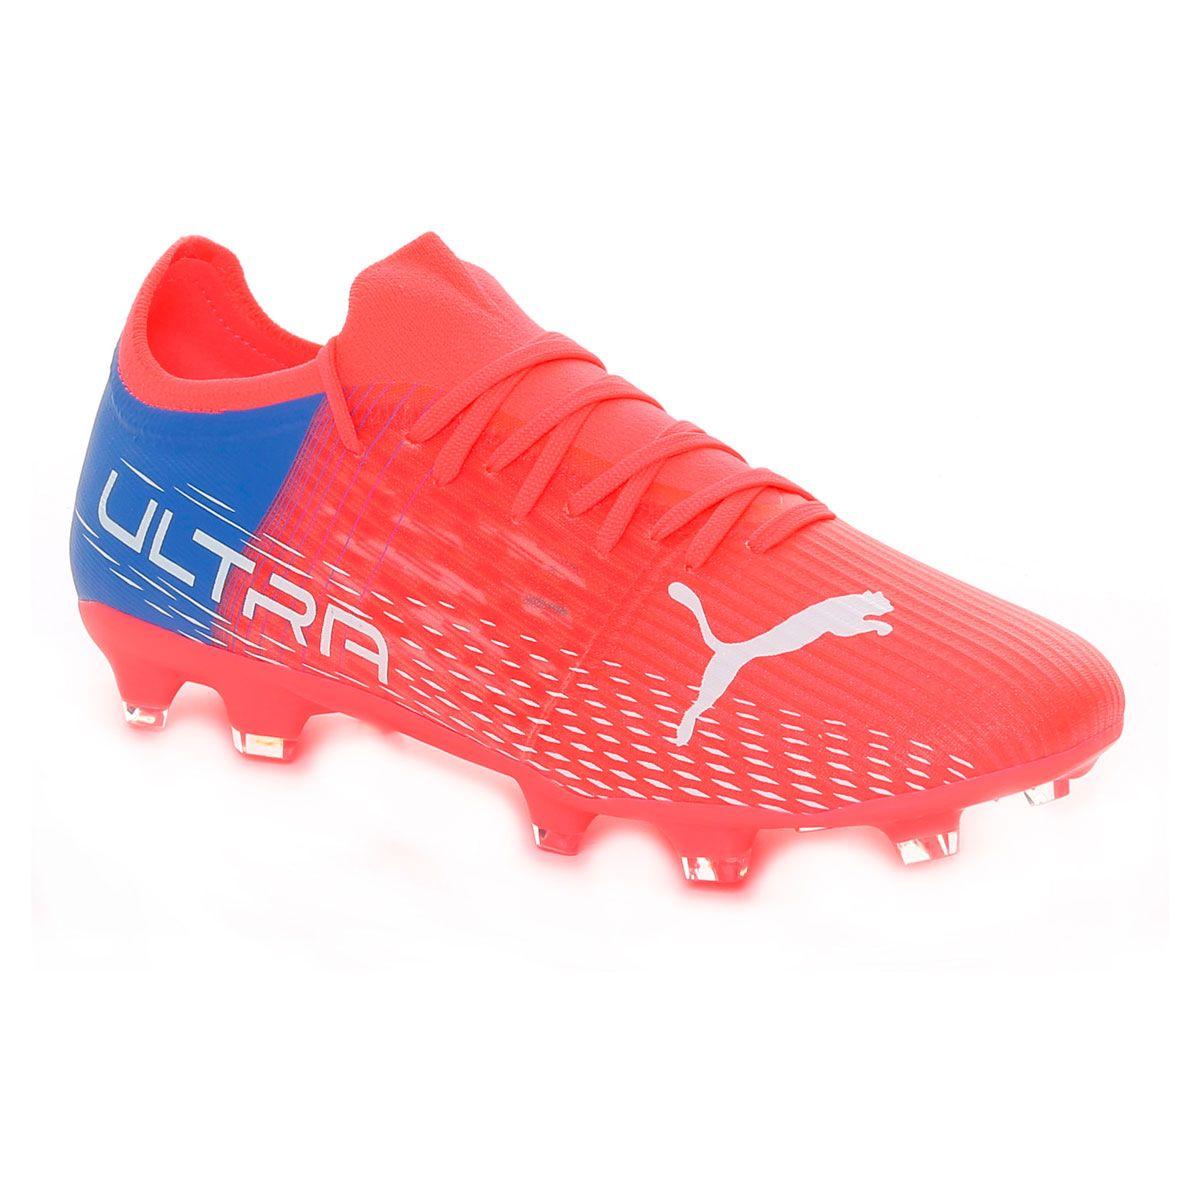 Puma Ultra 3.3 Fg/Ag Uomo Rosso Blu